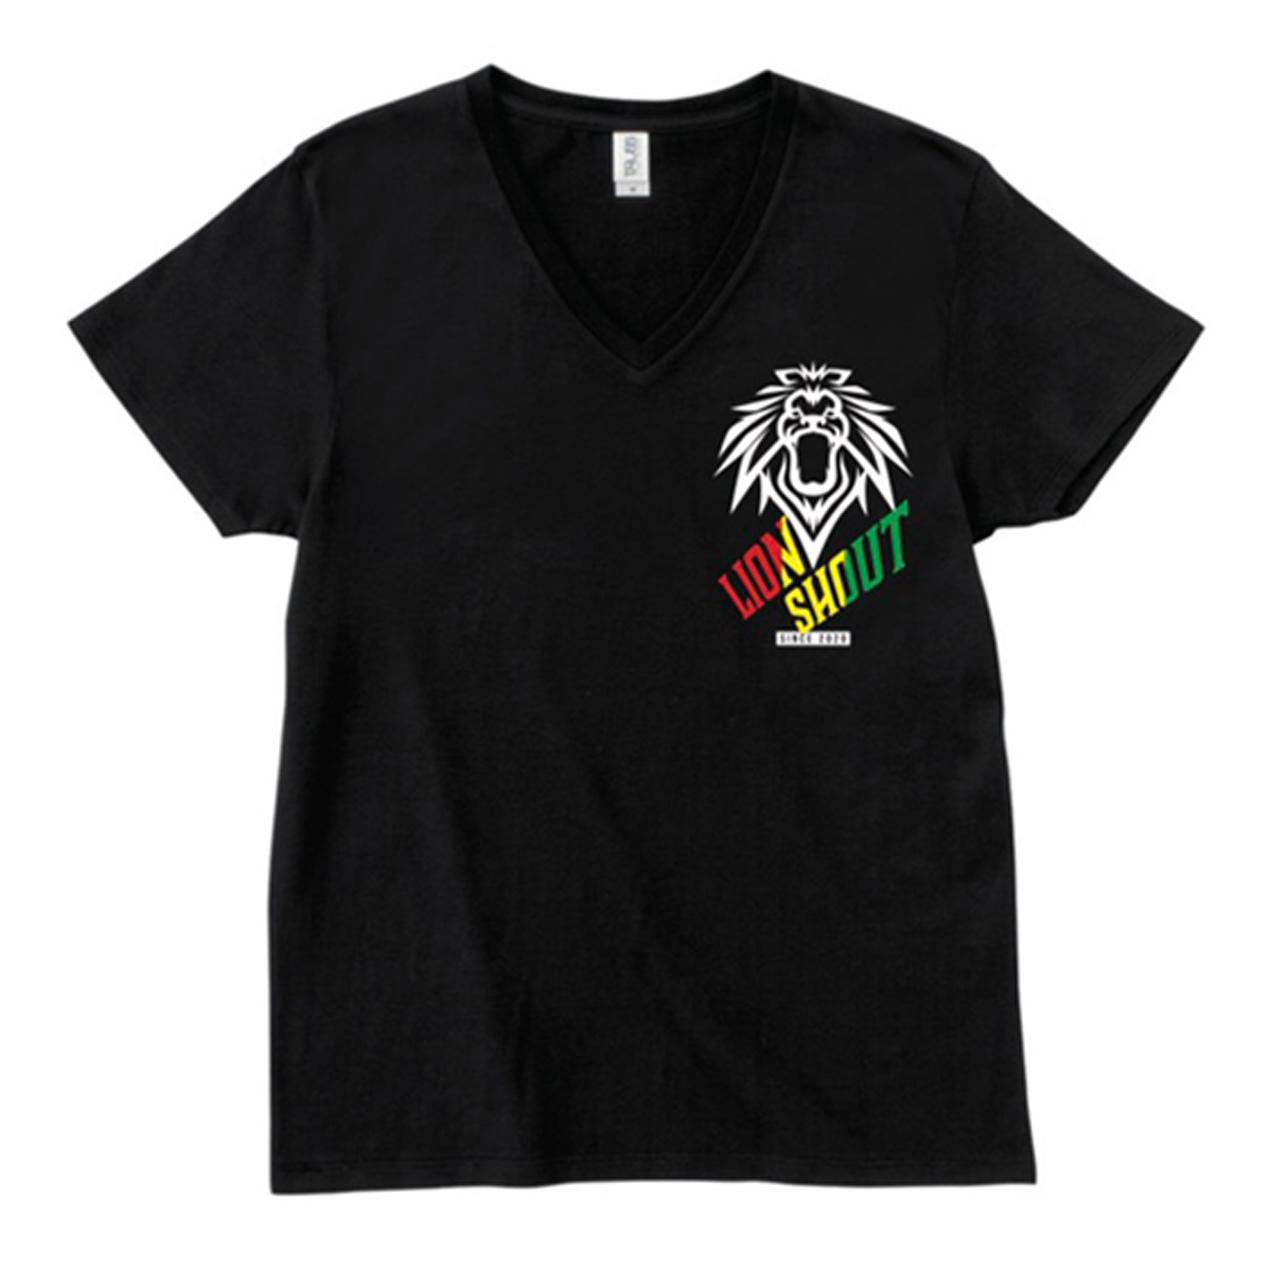 LION SHOUT Tシャツ【Vネック(黒)】